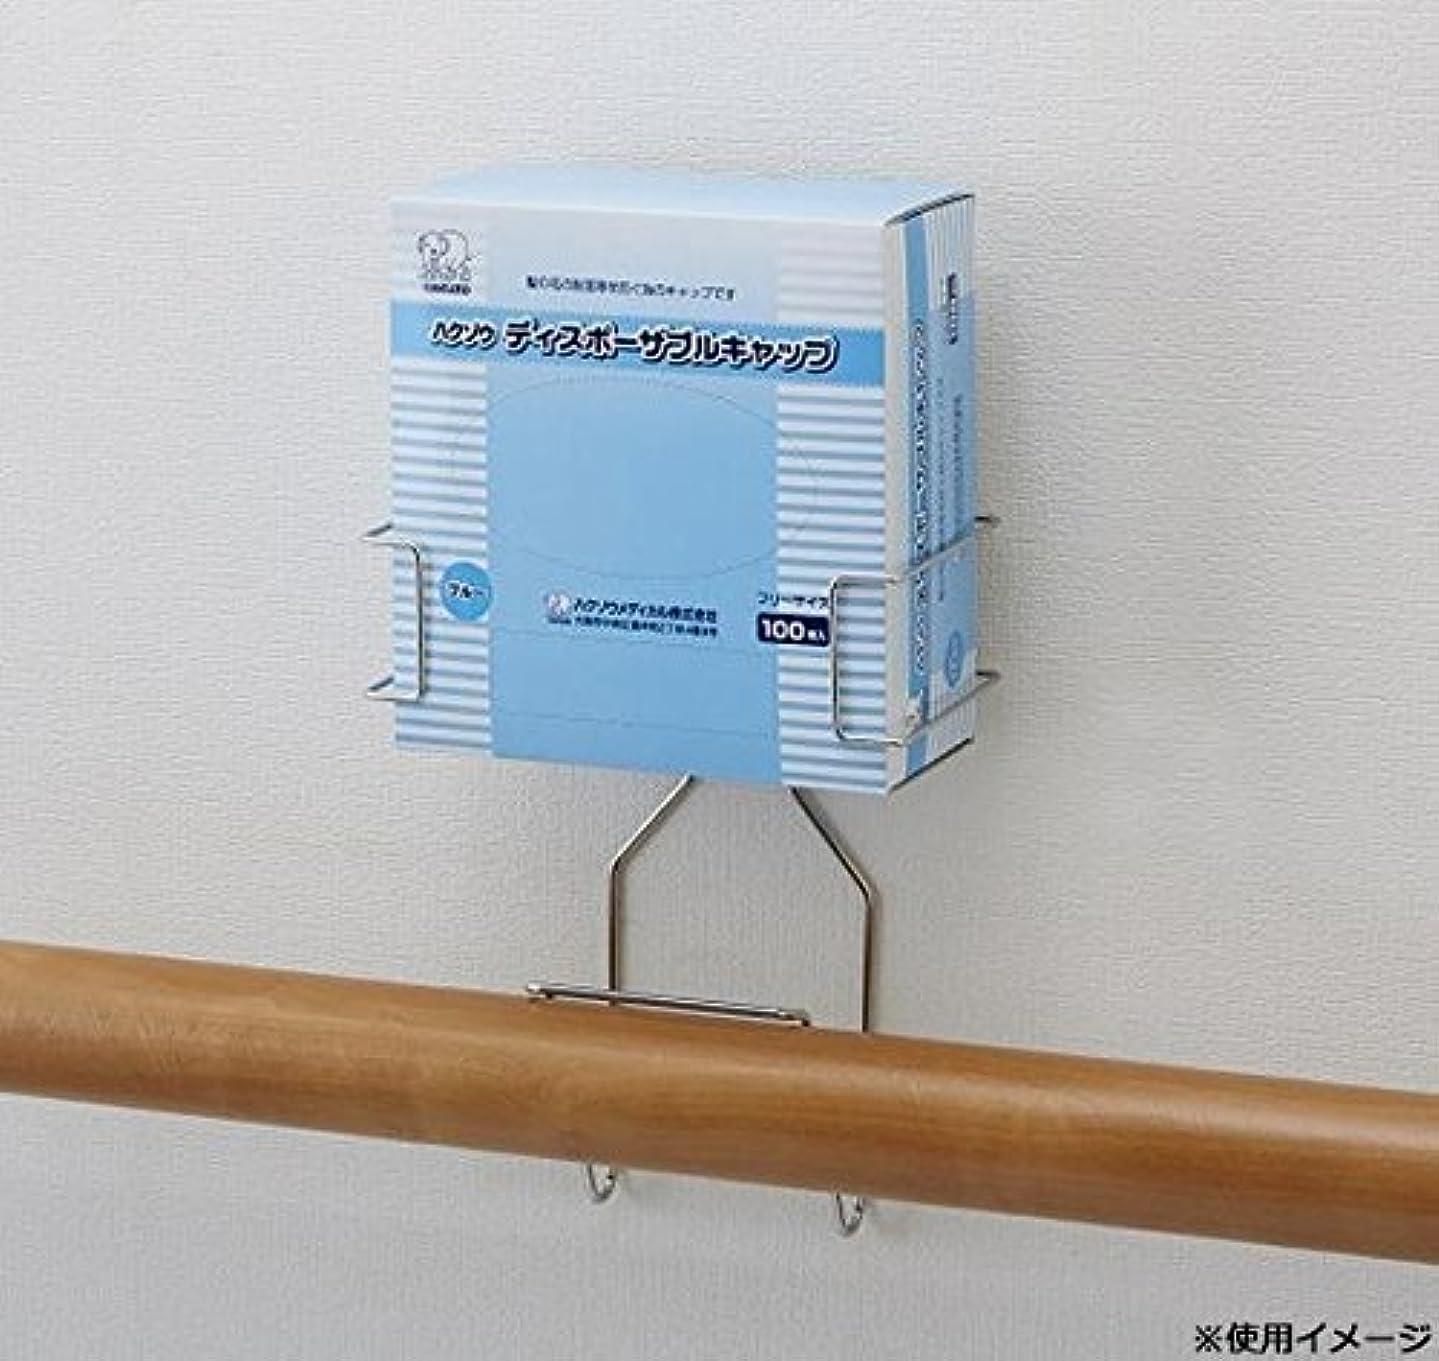 給料起こりやすいシミュレートするハクゾウメディカル PPE製品用ホルダーSE(手すり用タイプ) エプロン?グローブタイプ 3904992